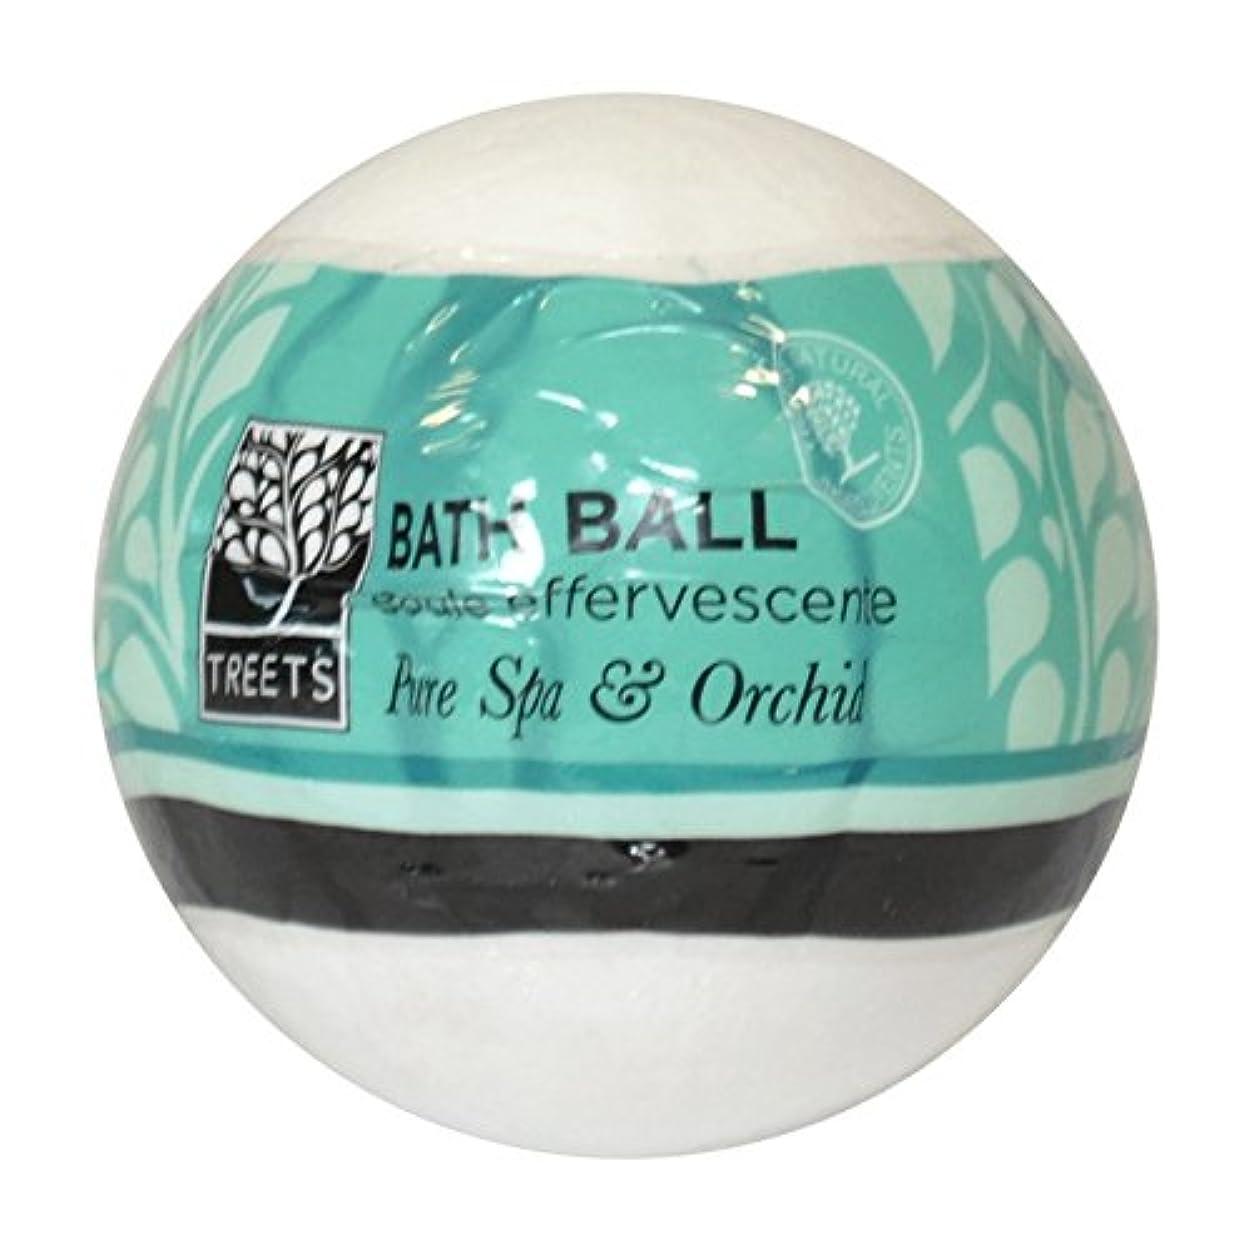 ラグ契約した言うTreets Orchid & Pure Spa Bath Ball (Pack of 6) - Treets蘭&純粋なスパバスボール (x6) [並行輸入品]